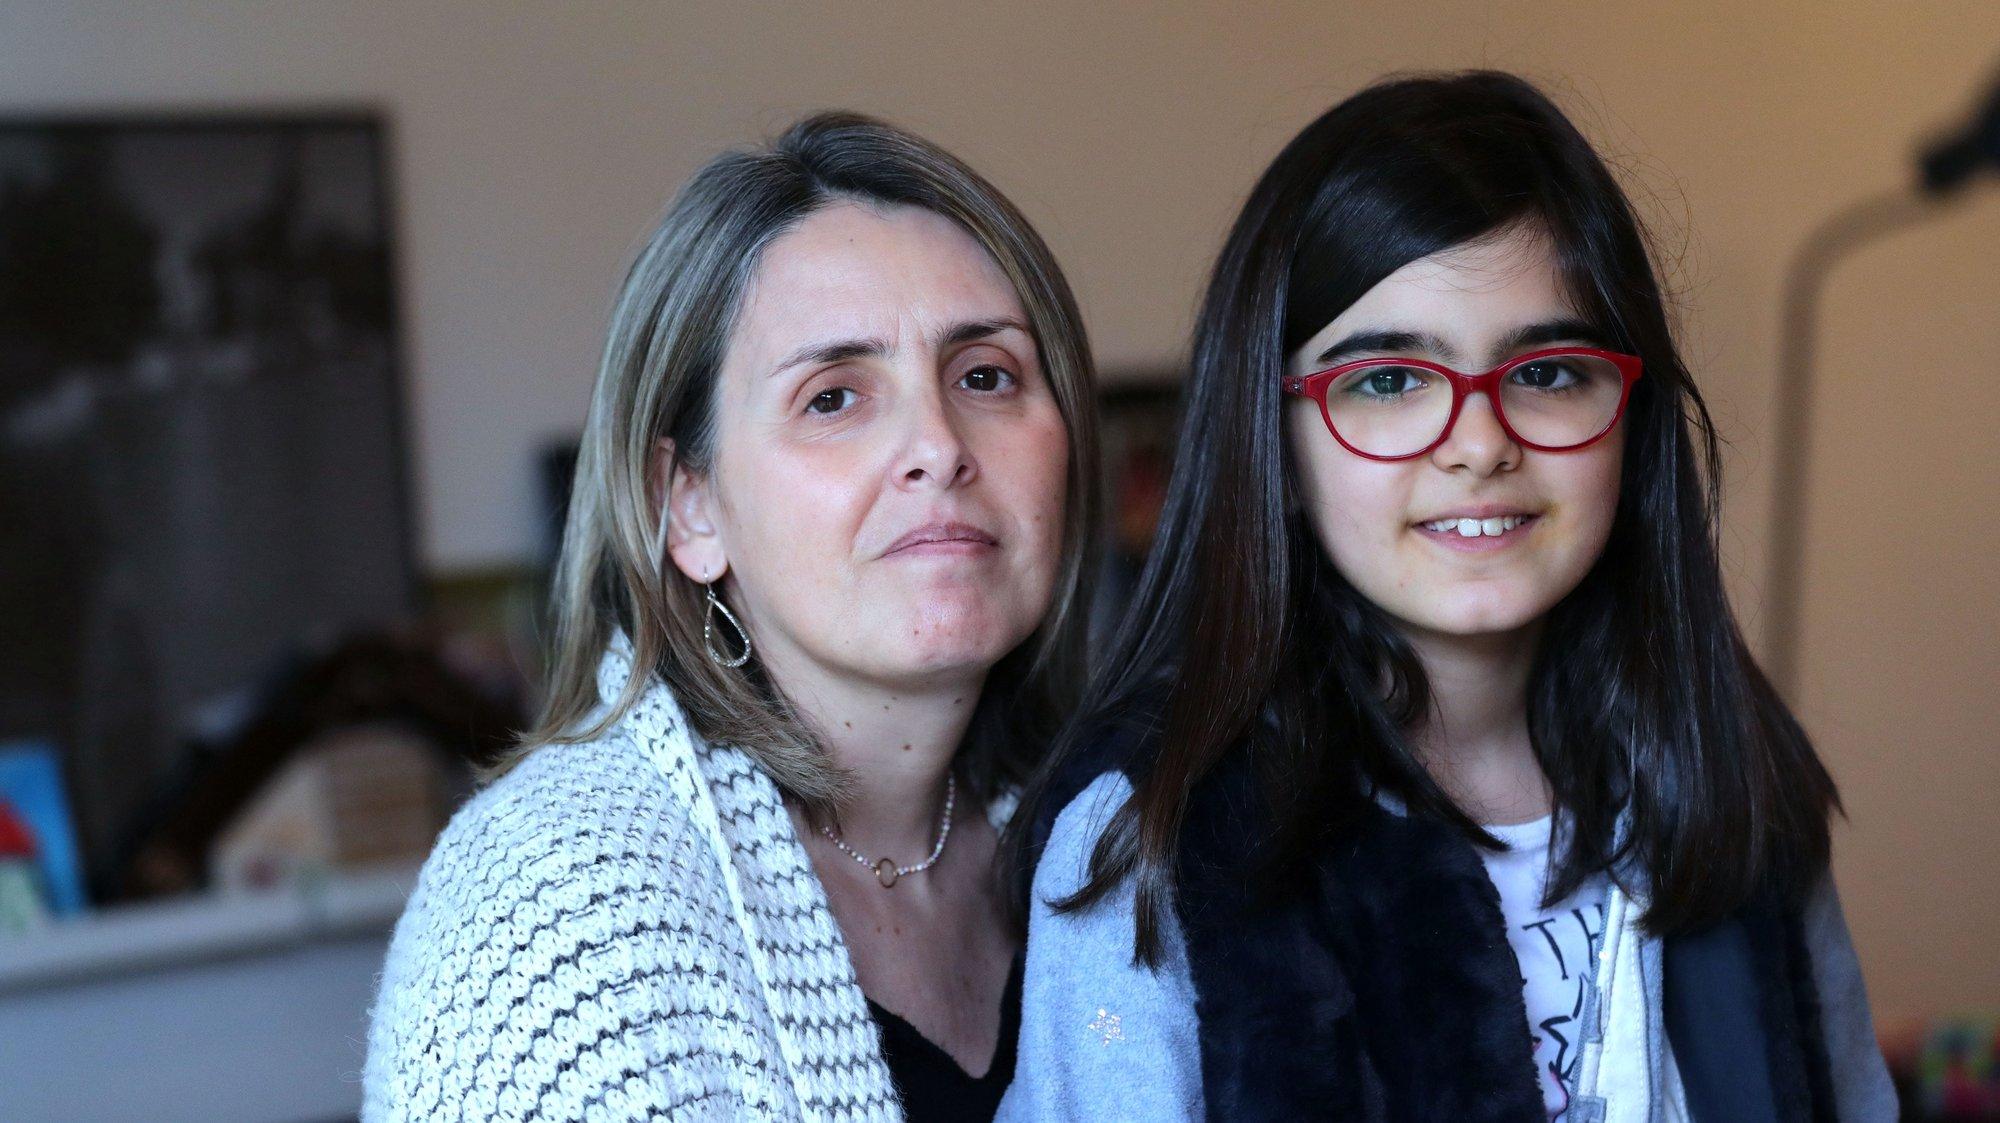 Joana Frias, 9 anos, com a mãe Luisa Melo (E), tem aulas tem aulas virtuais de piano e lê Mafalda com os pais para ajudar a passar o tempo de isolamento devido à pandemia de covid-19 que fez a Assembleia da República aprovar o prolongamento do estado de emergência nacional até ao final do dia 17 de abril, Vila Nova de Gaia, 31 de março 2020. O novo coronavírus, já infetou mais de um milhão de pessoas em todo o mundo, das quais morreram mais de 51 mil. (ACOMPANHA TEXTO DE 4 DE ABRIL DE 2020). ESTELA SILVA/LUSA